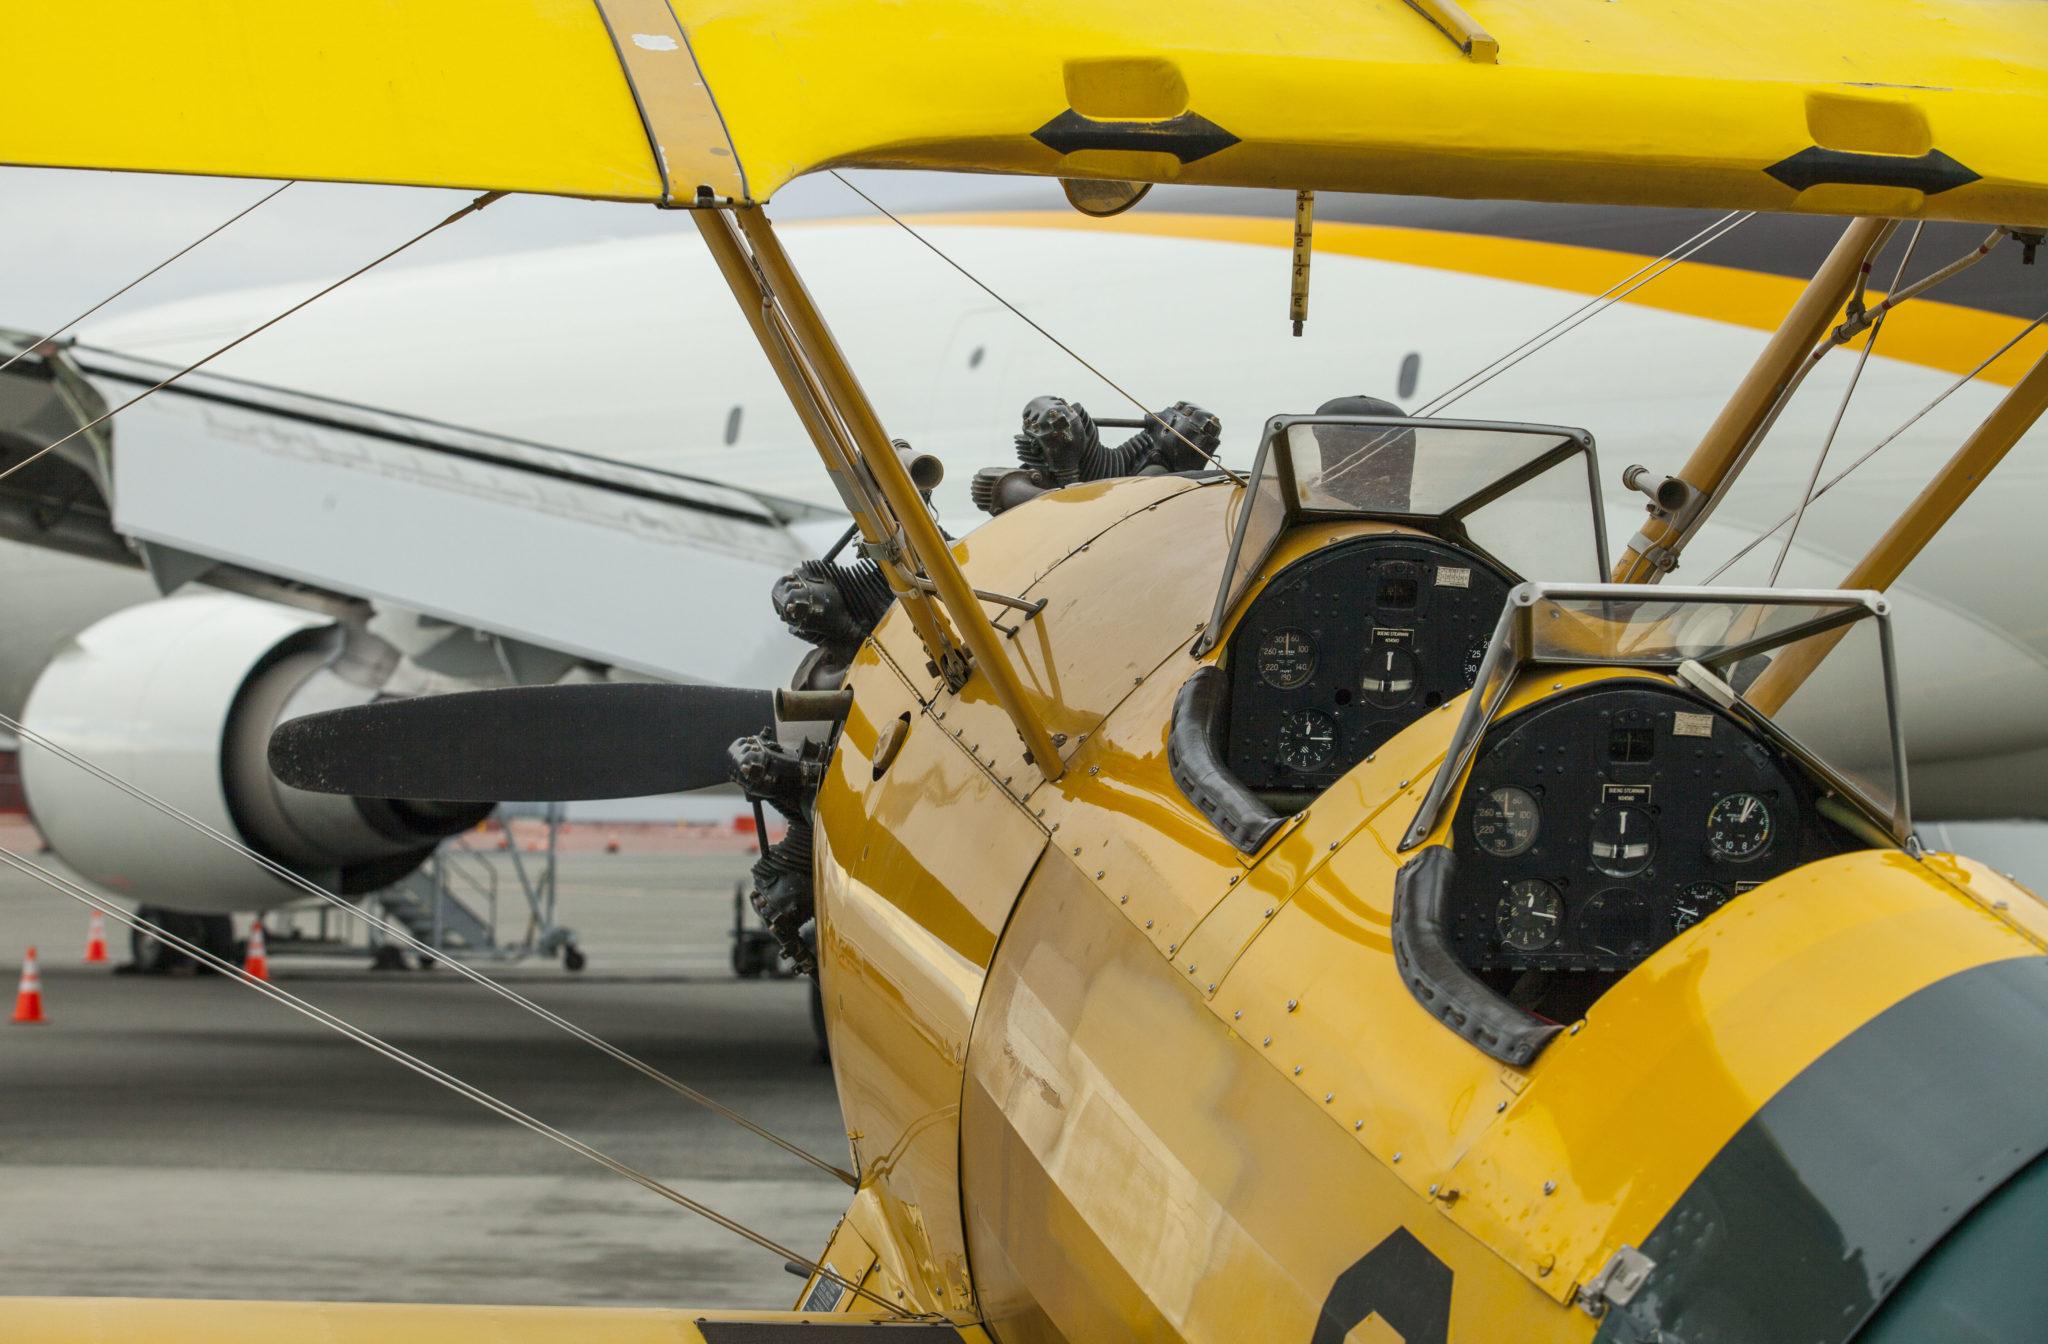 Aircraft photography of Alaska | Alaskafoto - Alaska photography, portrait photographers - PANC